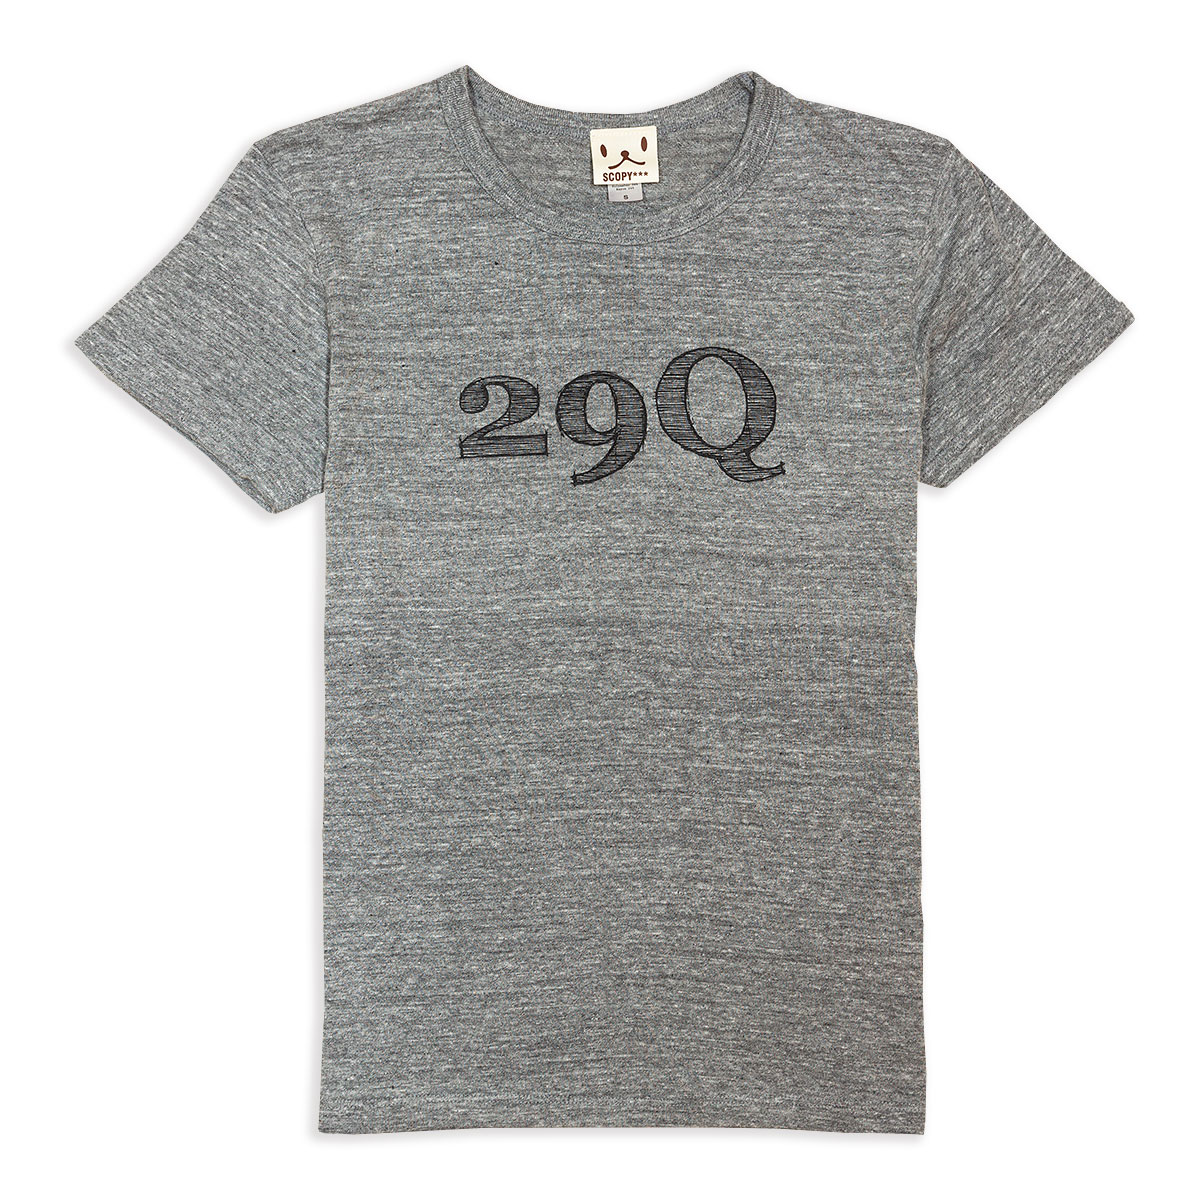 Tシャツ「29Q」